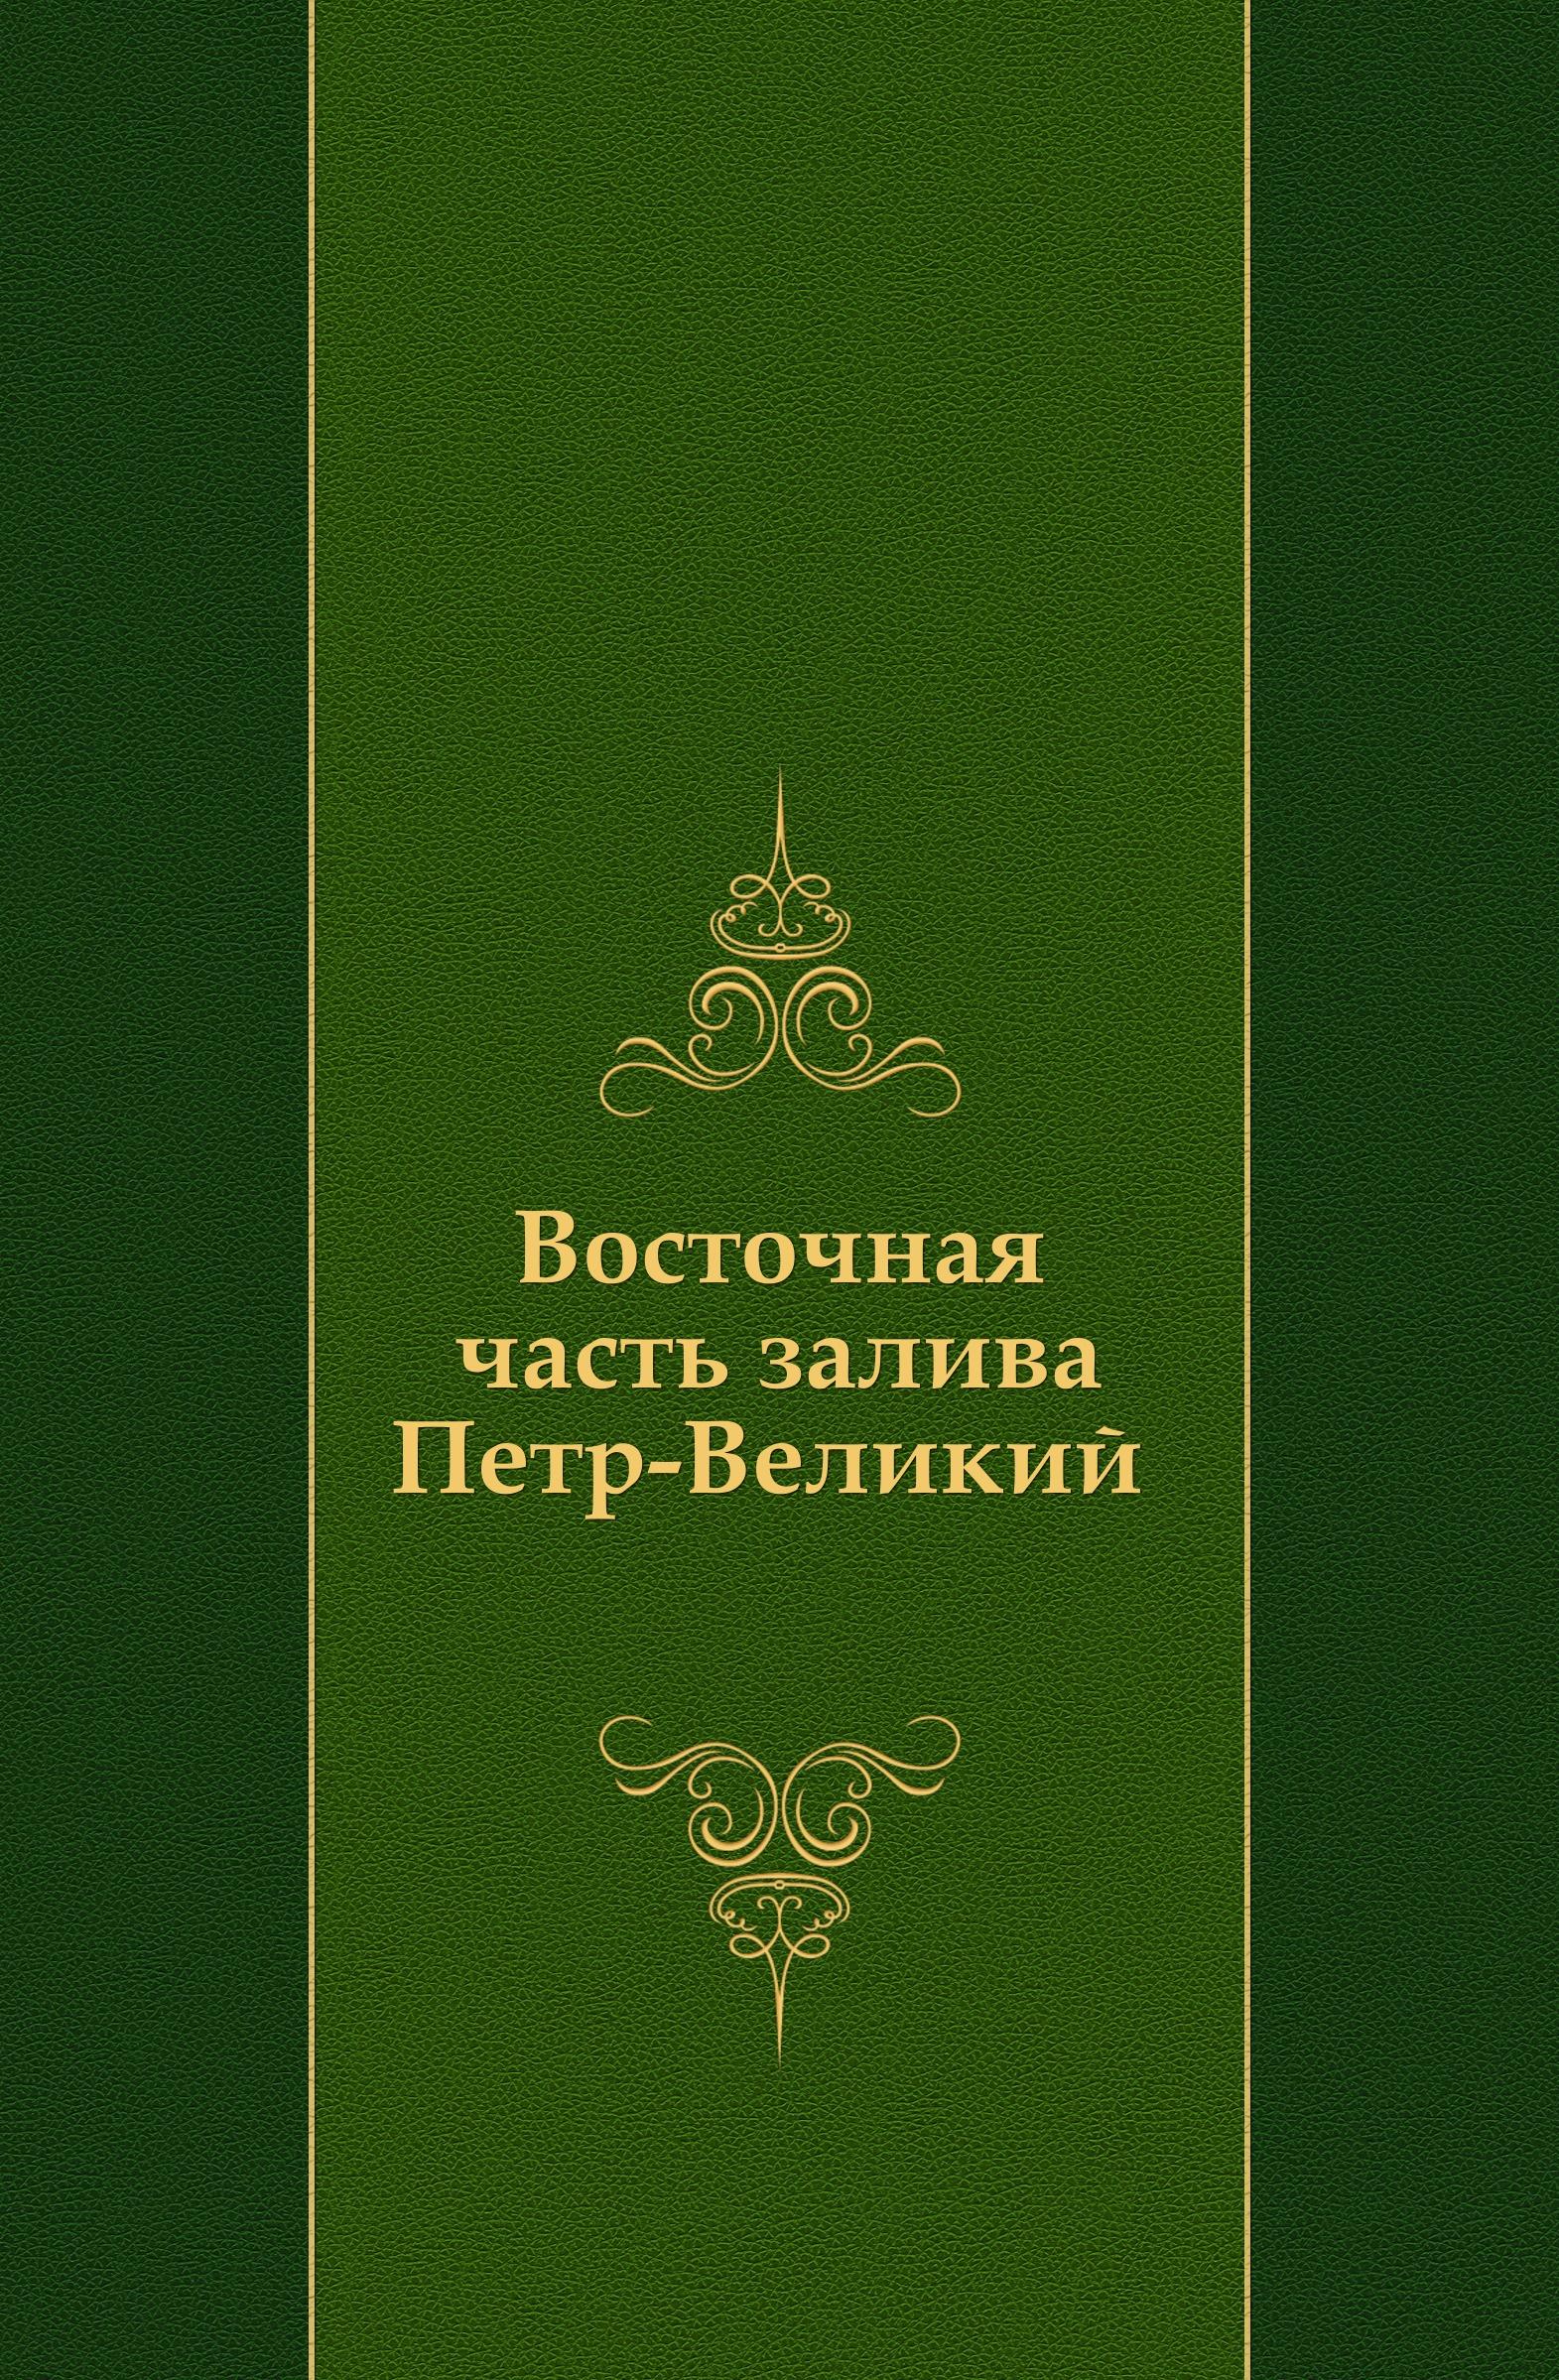 Иванов Восточная часть залива Петр-Великий